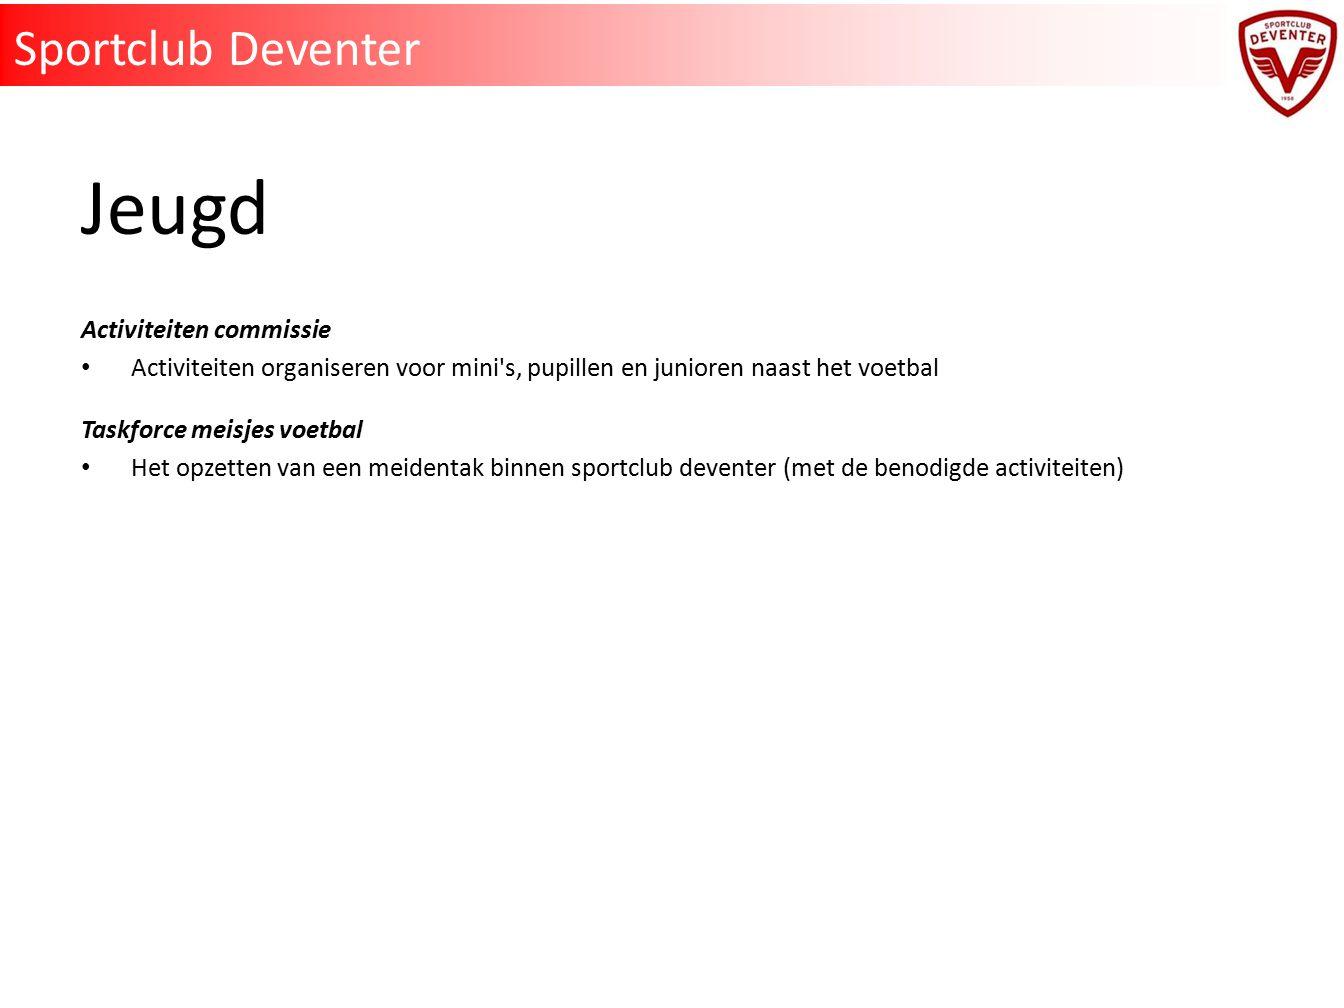 Jeugd Sportclub Deventer Activiteiten commissie